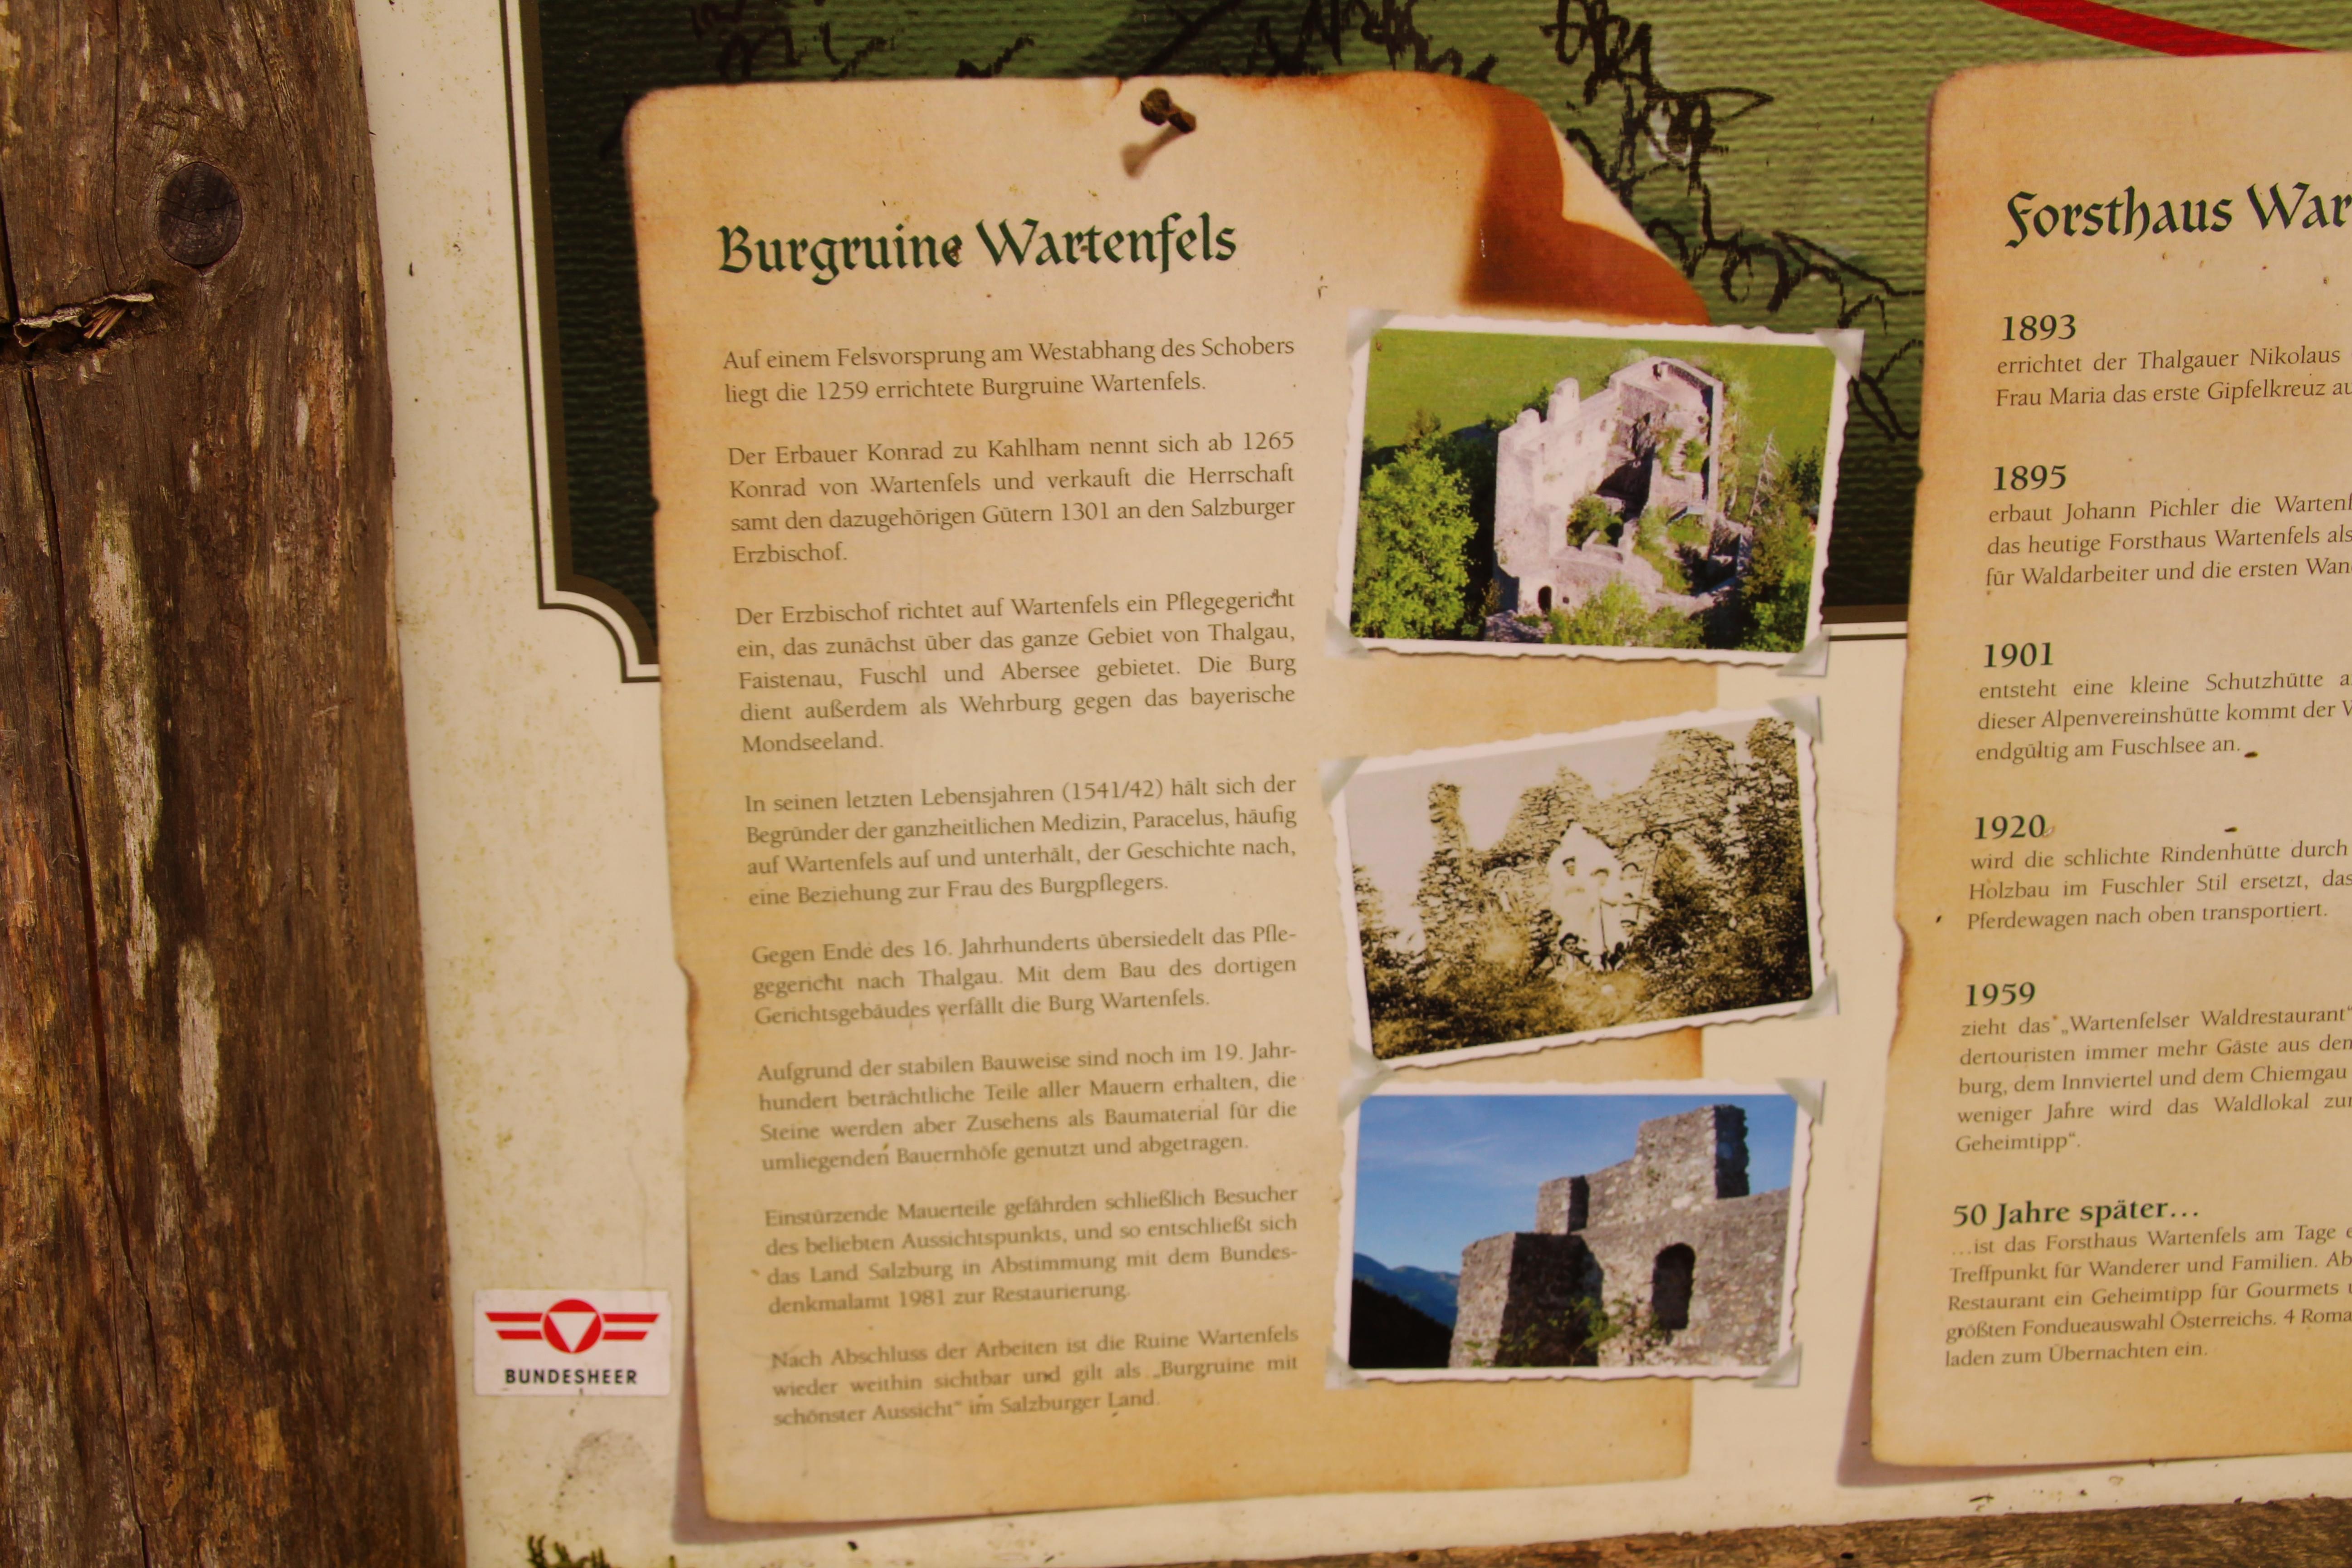 Wanderung zur Burgruine Wartenfels